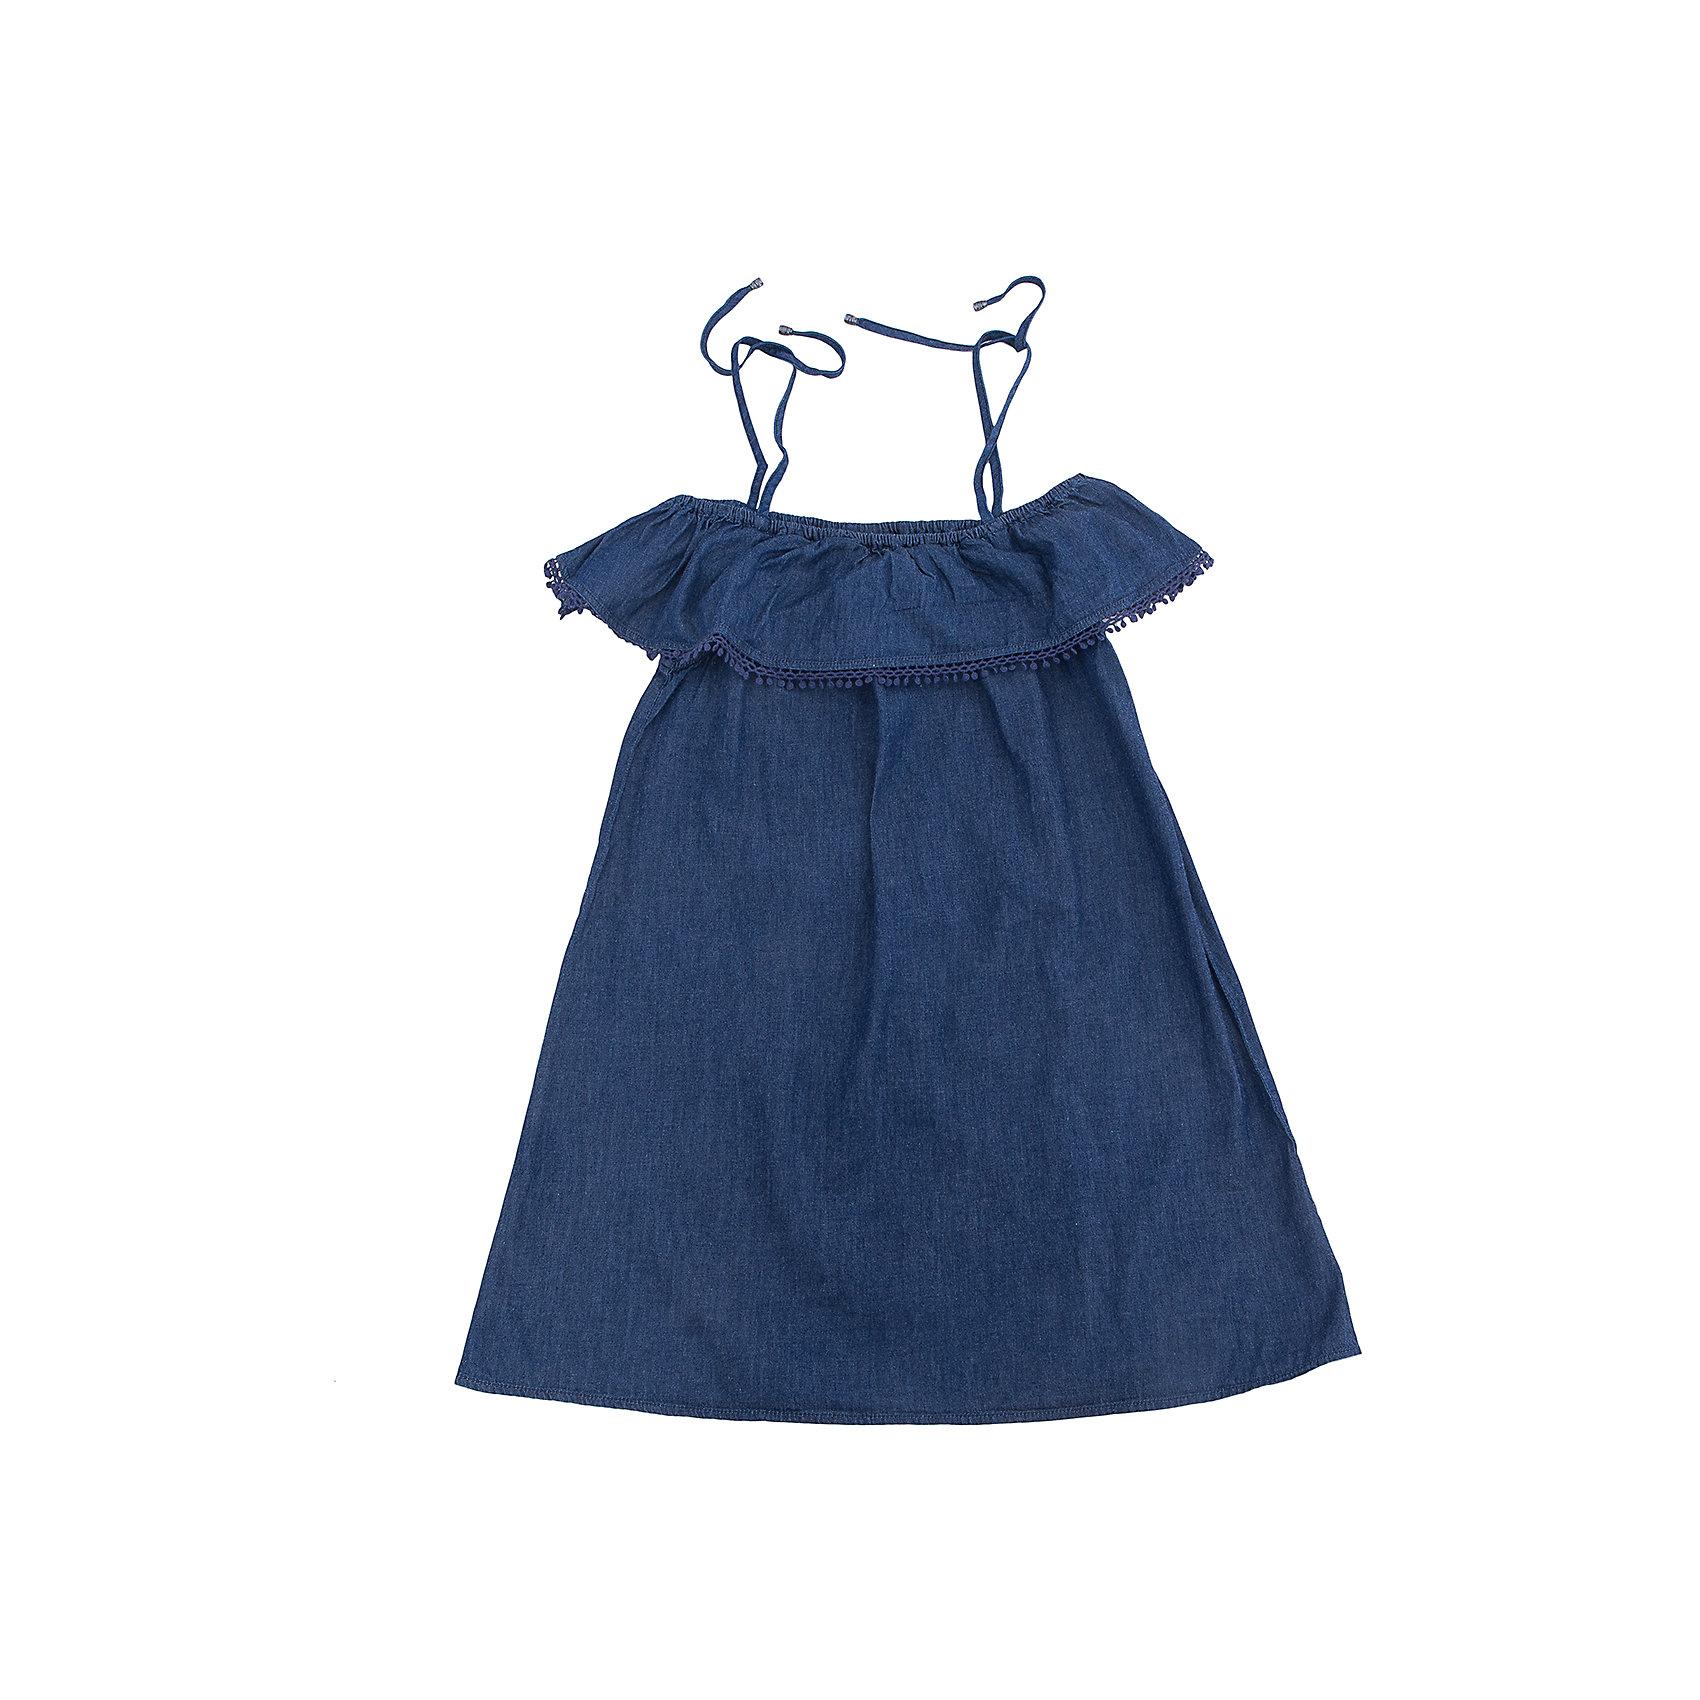 Платье для девочки SELAПлатья и сарафаны<br>Характеристики товара:<br><br>• цвет: синий<br>• сезон: лето<br>• состав: 100% хлопок<br>• декоировано кружевом<br>• длина выше колена<br>• открытые плчеи<br>• страна бренда: Россия<br><br>В новой коллекции SELA отличные модели одежды! Это платье для девочки поможет разнообразить гардероб ребенка и обеспечить комфорт. Оно отлично сочетается с различной обувью. <br><br>Одежда, обувь и аксессуары от российского бренда SELA не зря пользуются большой популярностью у детей и взрослых! Модели этой марки - стильные и удобные, цена при этом неизменно остается доступной. Для их производства используются только безопасные, качественные материалы и фурнитура.<br><br>Платье для девочки от популярного бренда SELA (СЕЛА) можно купить в нашем интернет-магазине.<br><br>Ширина мм: 236<br>Глубина мм: 16<br>Высота мм: 184<br>Вес г: 177<br>Цвет: синий джинс<br>Возраст от месяцев: 108<br>Возраст до месяцев: 120<br>Пол: Женский<br>Возраст: Детский<br>Размер: 140,134,146,152,122,128<br>SKU: 5305279